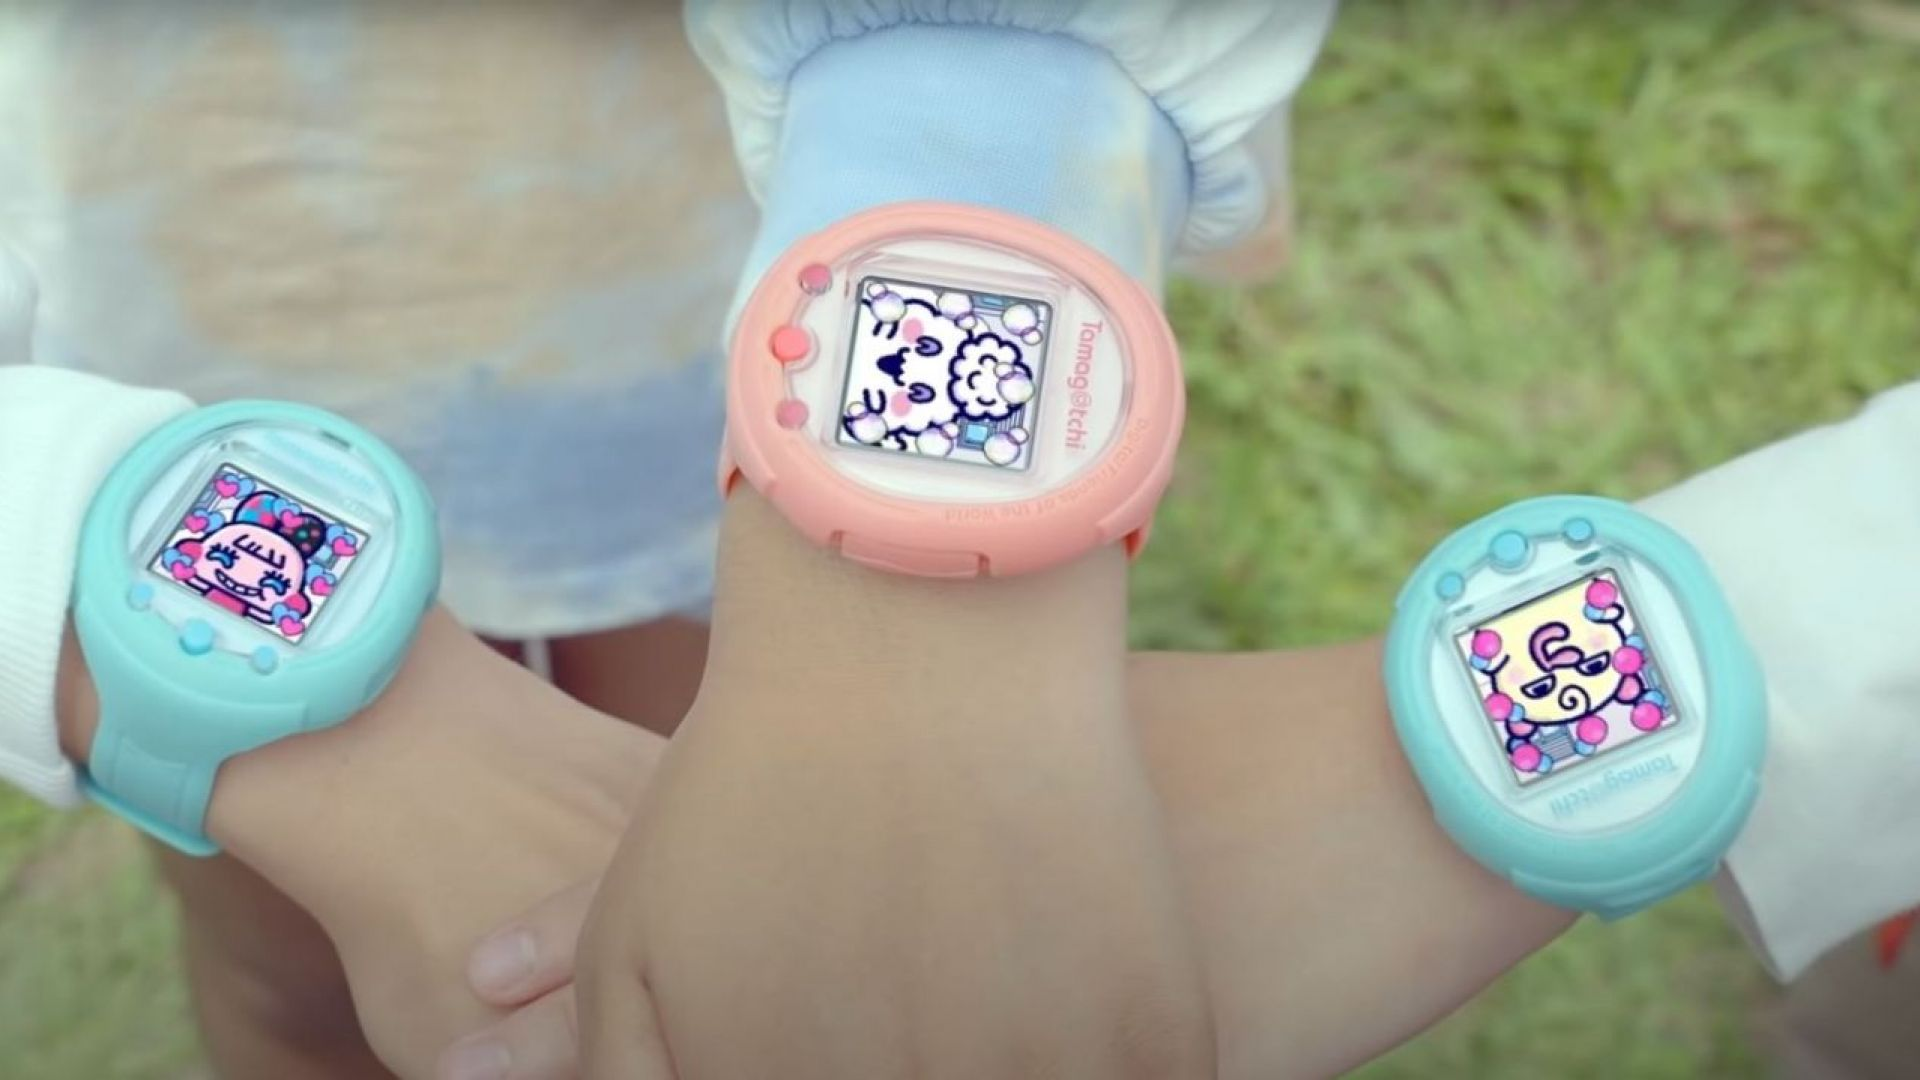 Тамагочи се завръща като умен часовник